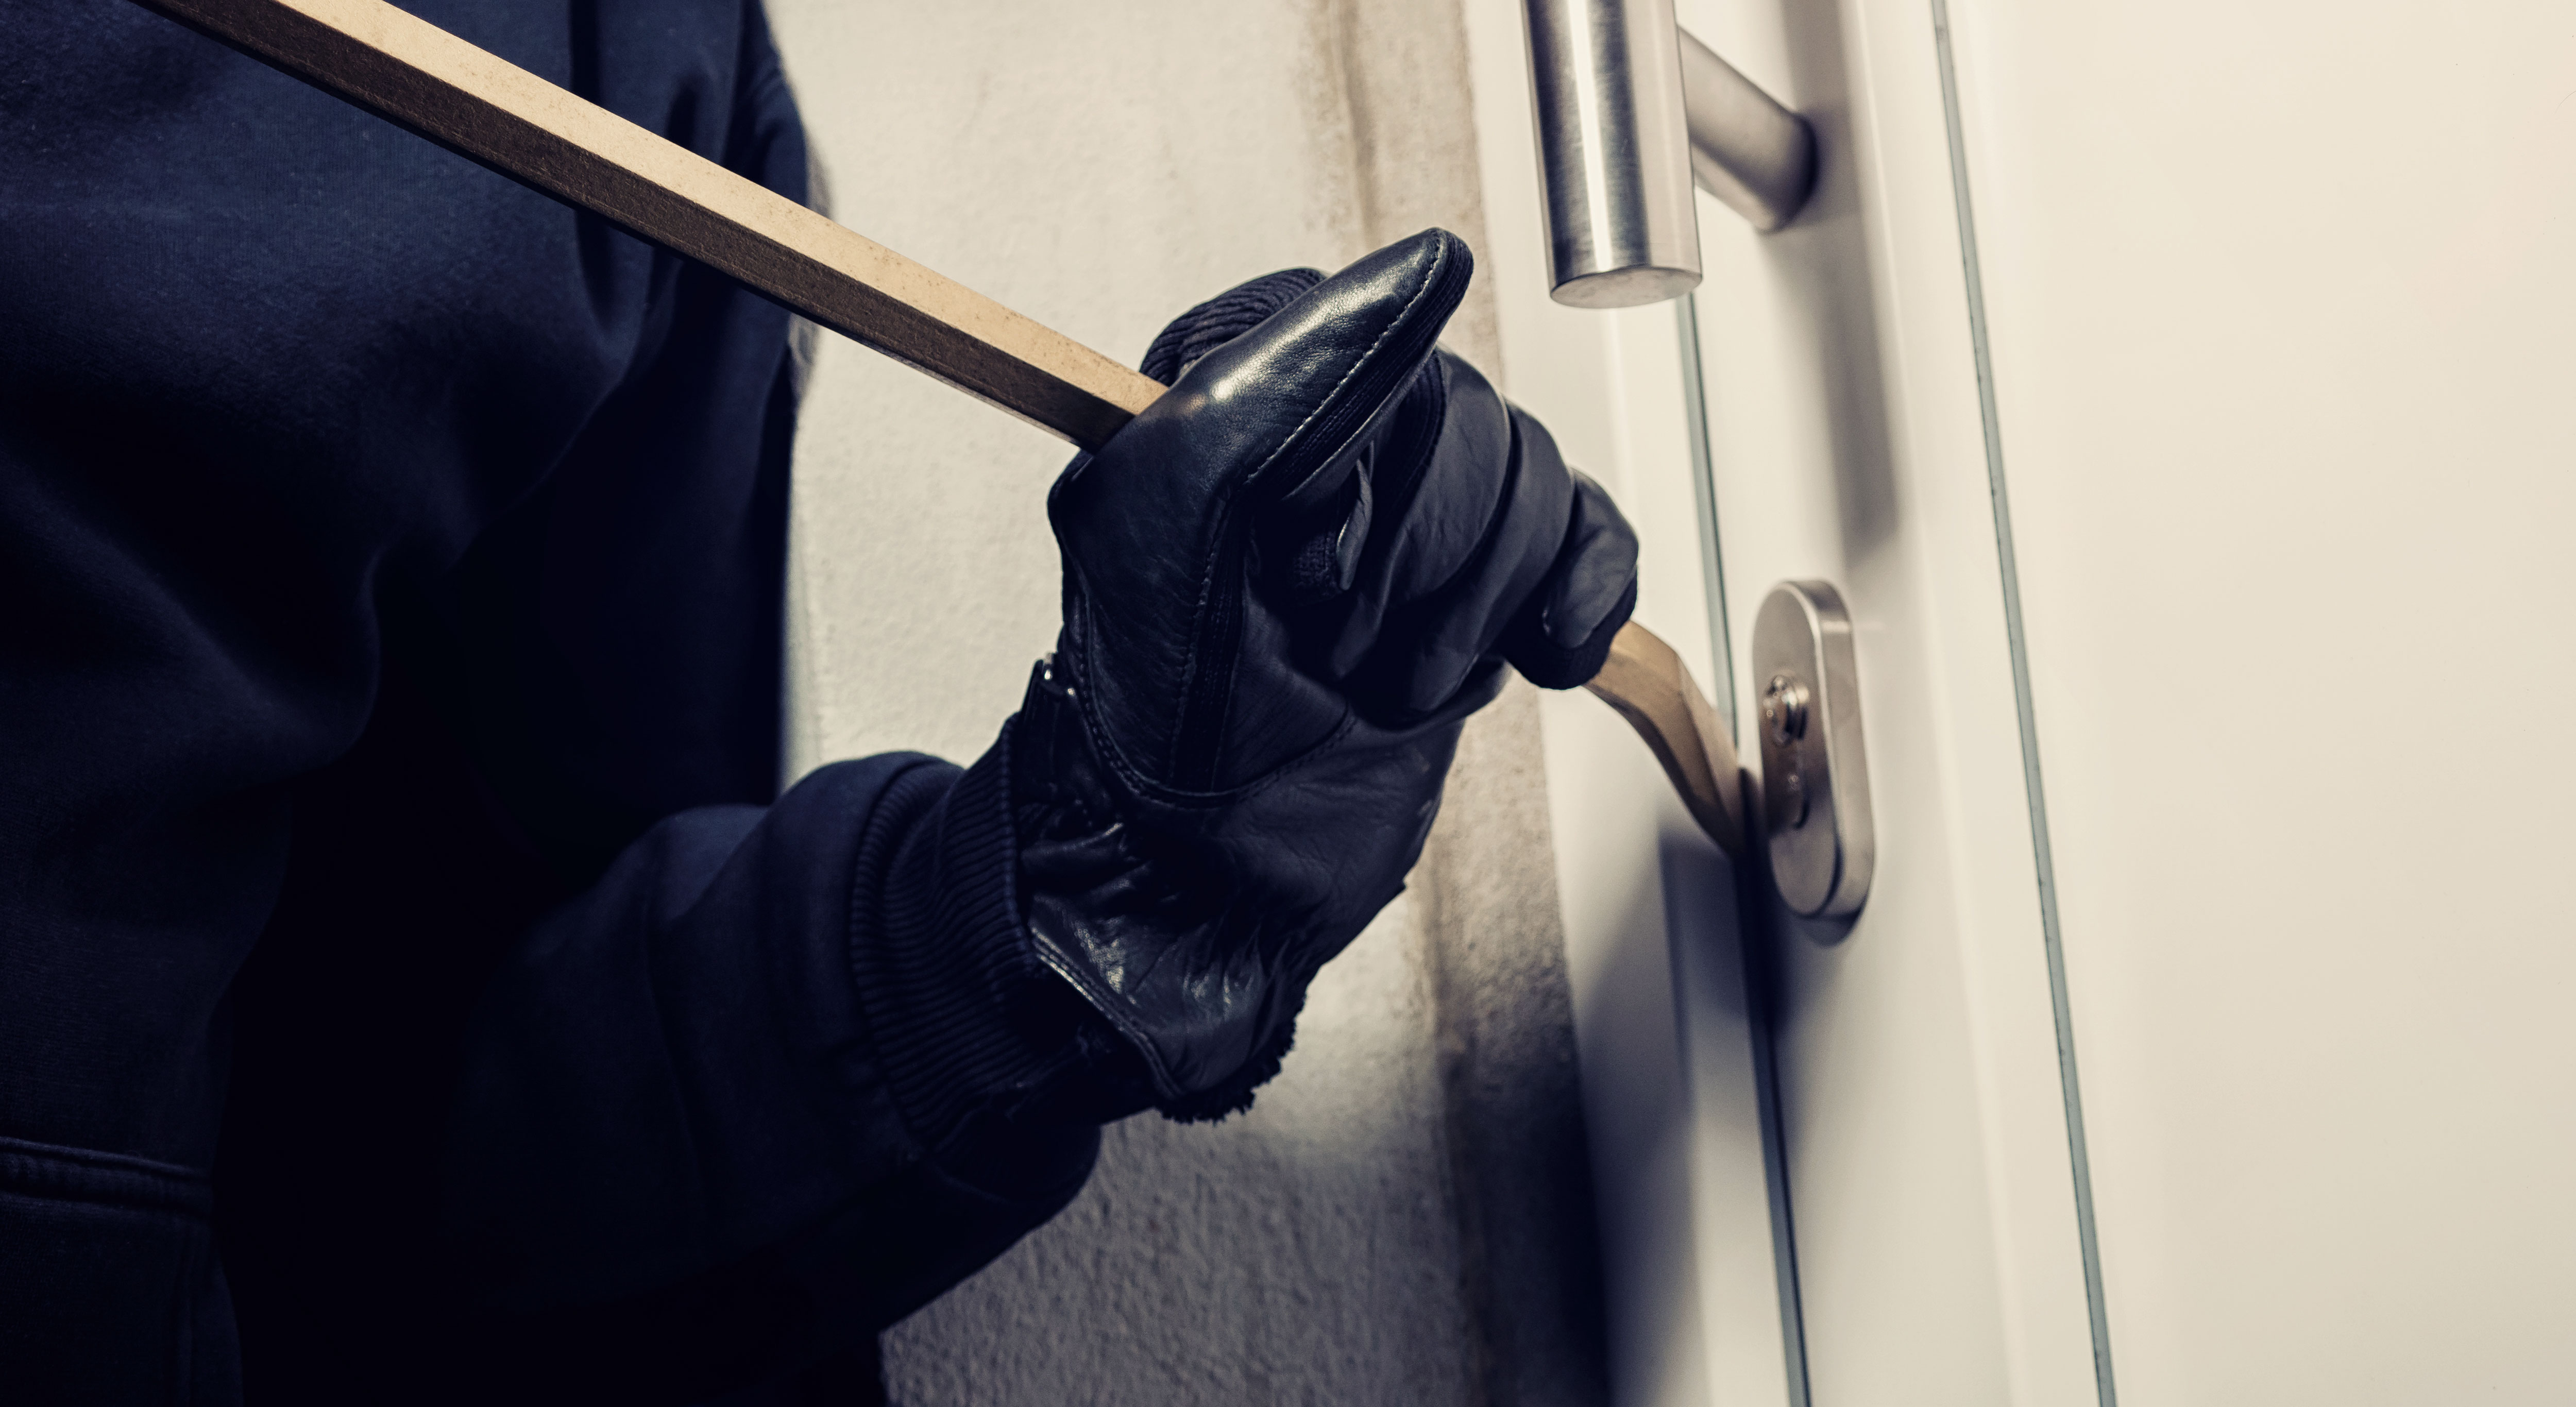 Einbrecher bricht Haustüre auf